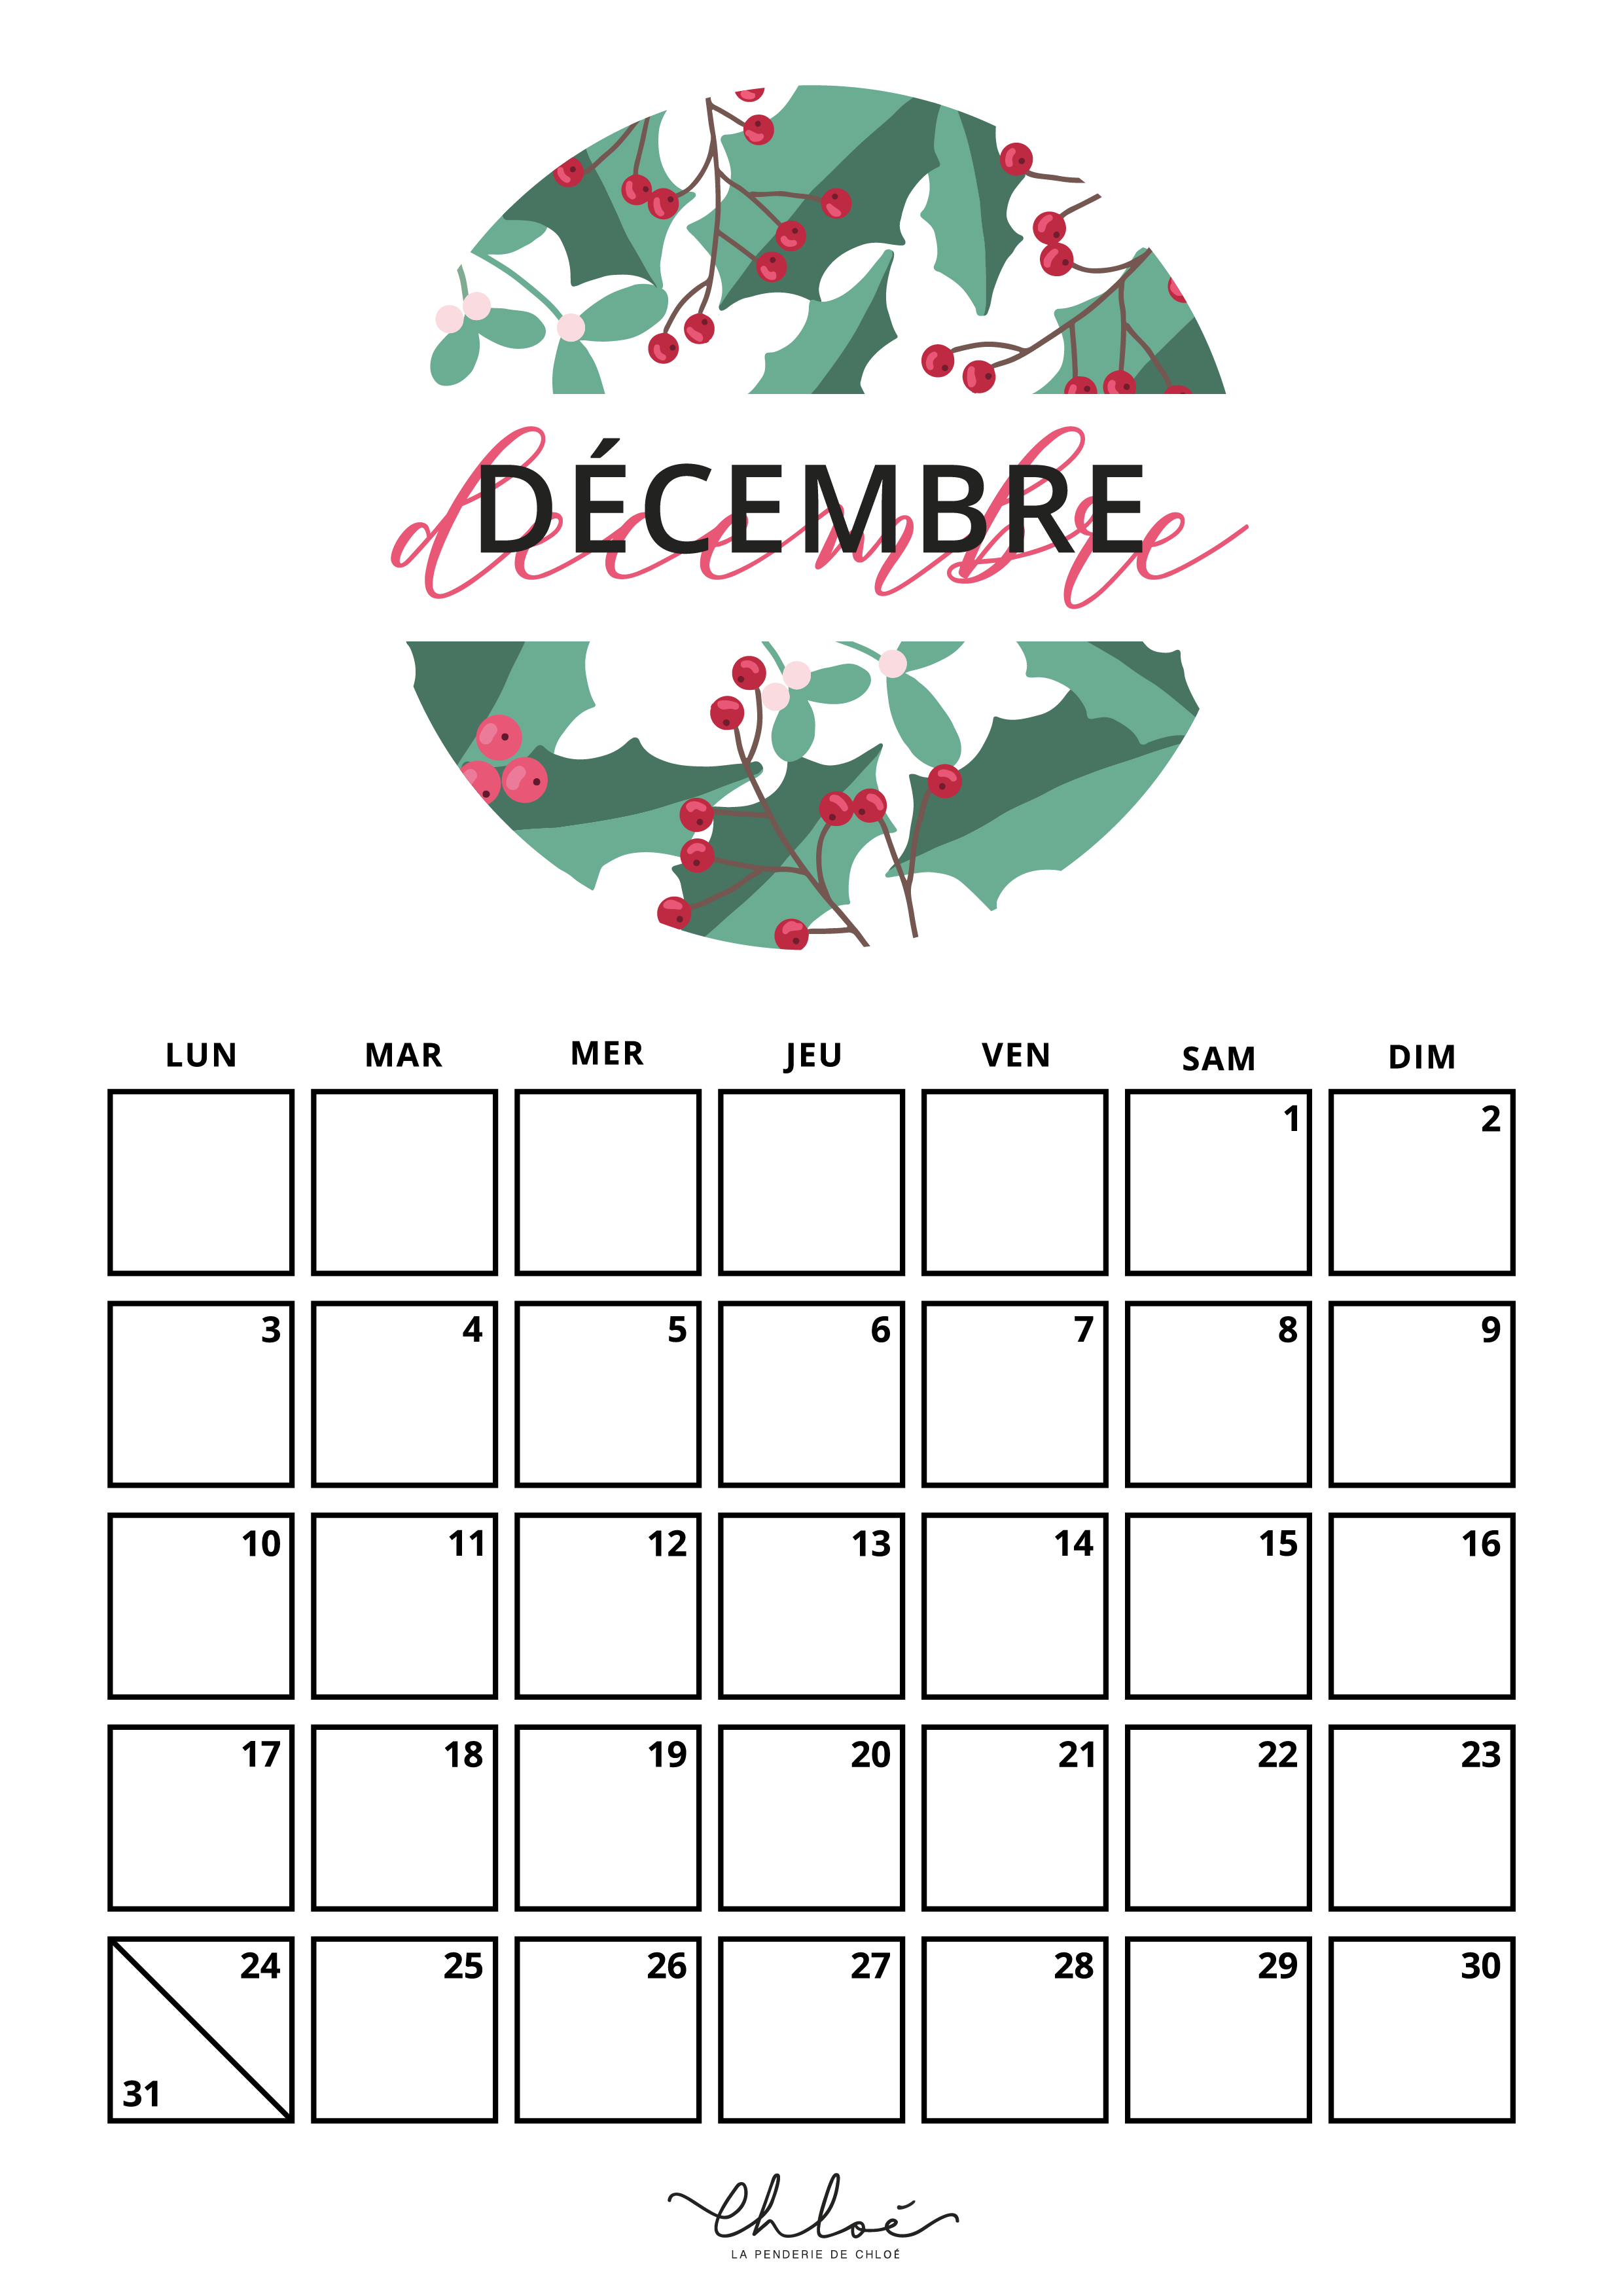 Calendrier Decembre A Imprimer Blog Lifestyle La Penderie De Chloe Calendrier A Imprimer Calendrier Decembre Calendrier A Imprimer Gratuit